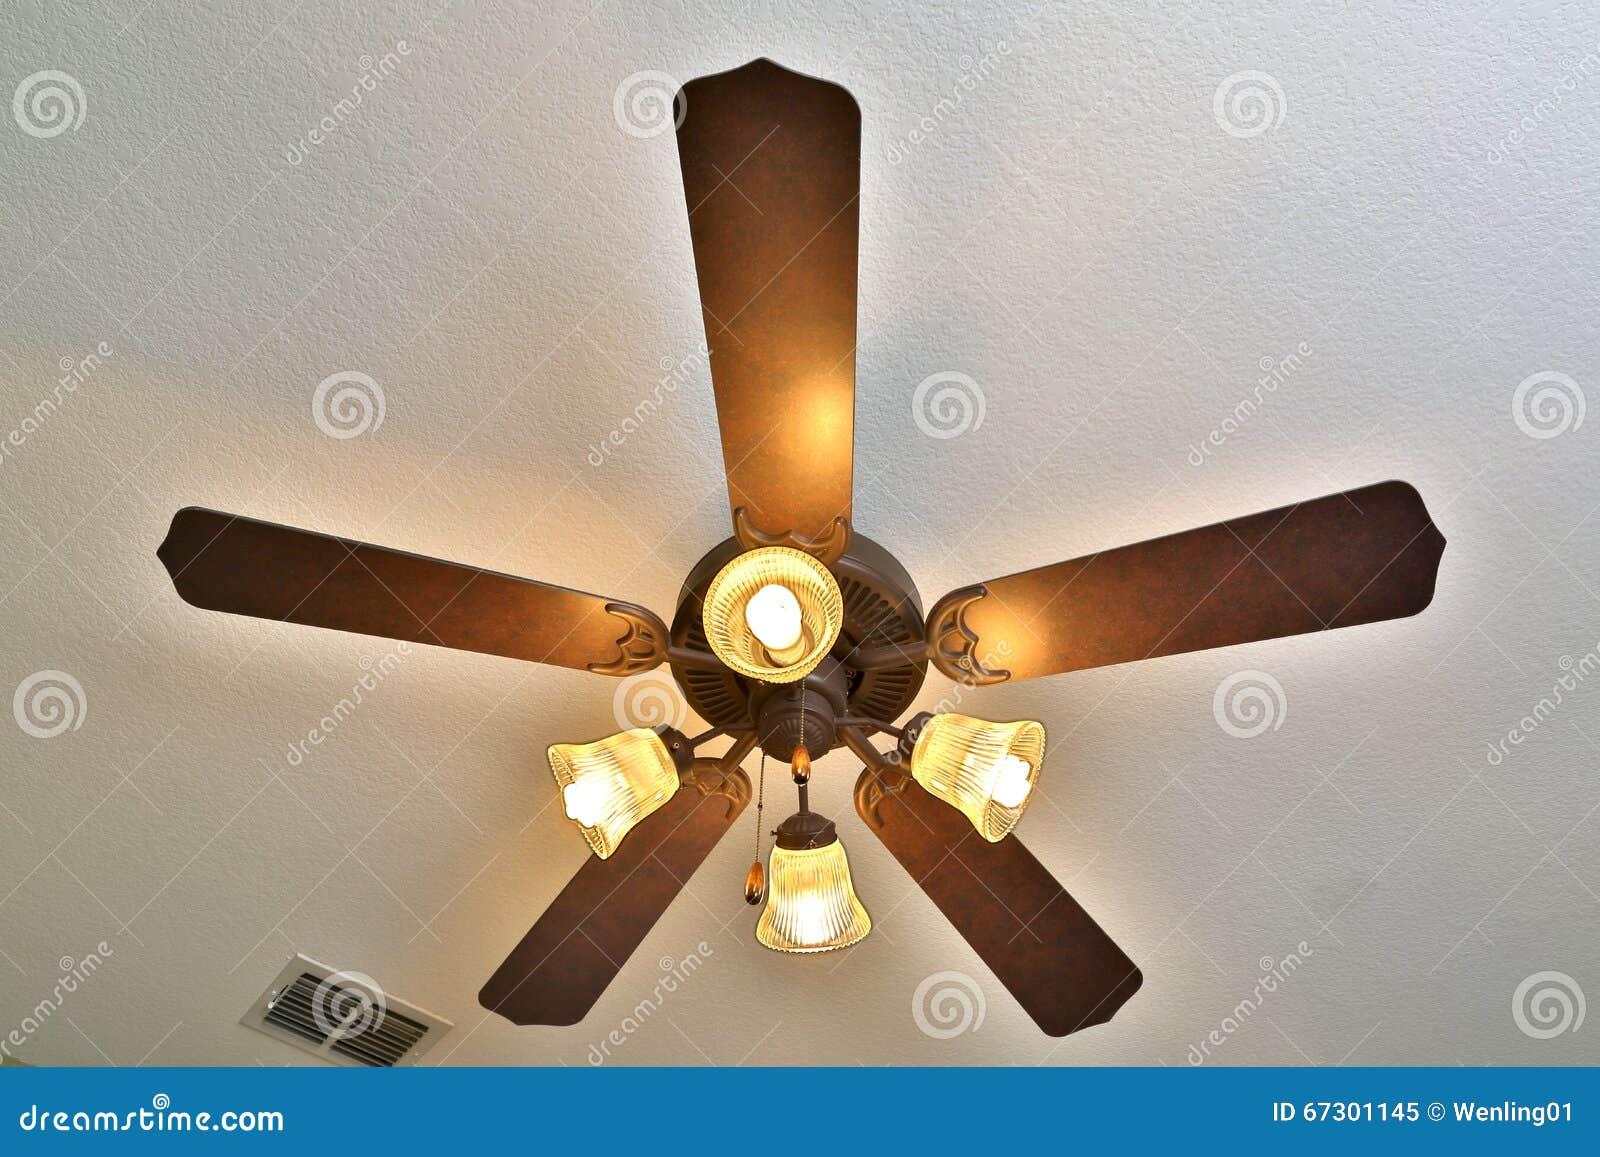 Ventilatore da soffitto con le luci sopra immagine stock